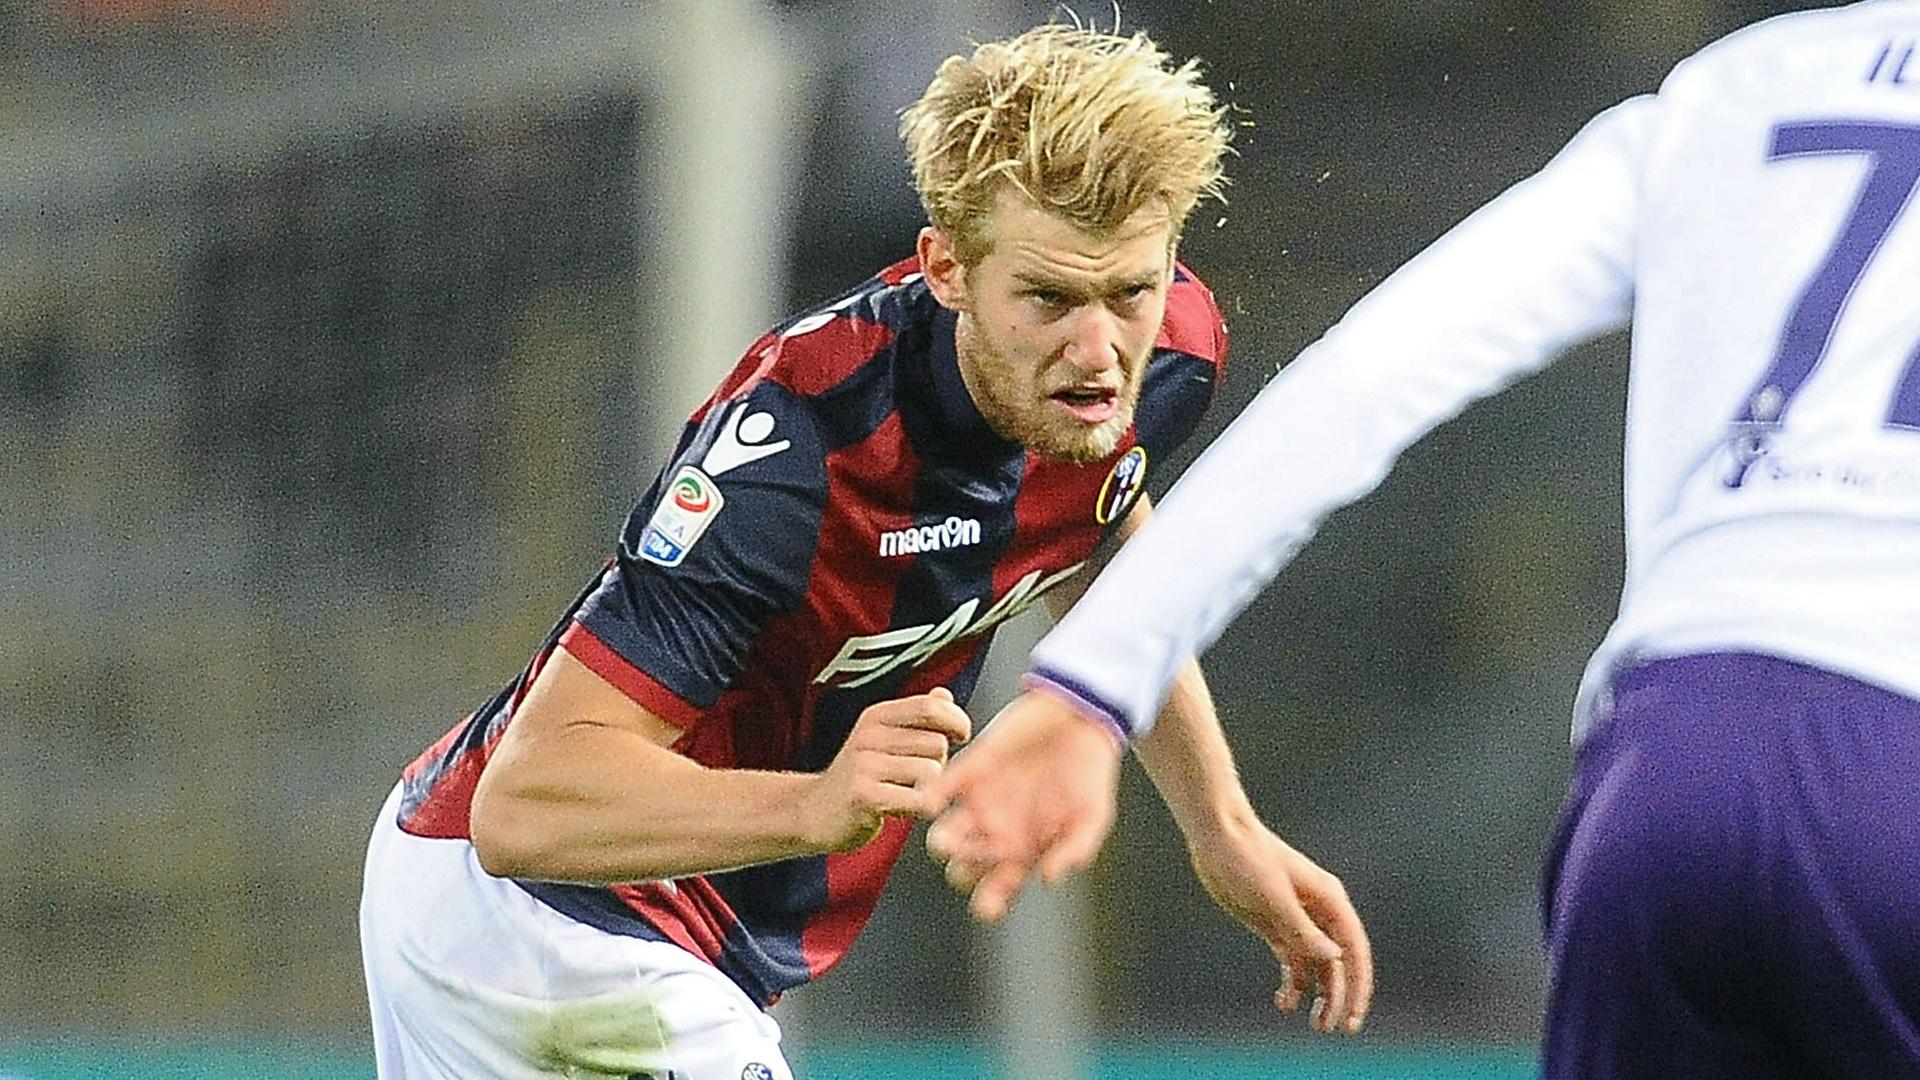 Scambio sull'asse Bologna-Verona: Cherubin all'Hellas, Helander in rossoblù